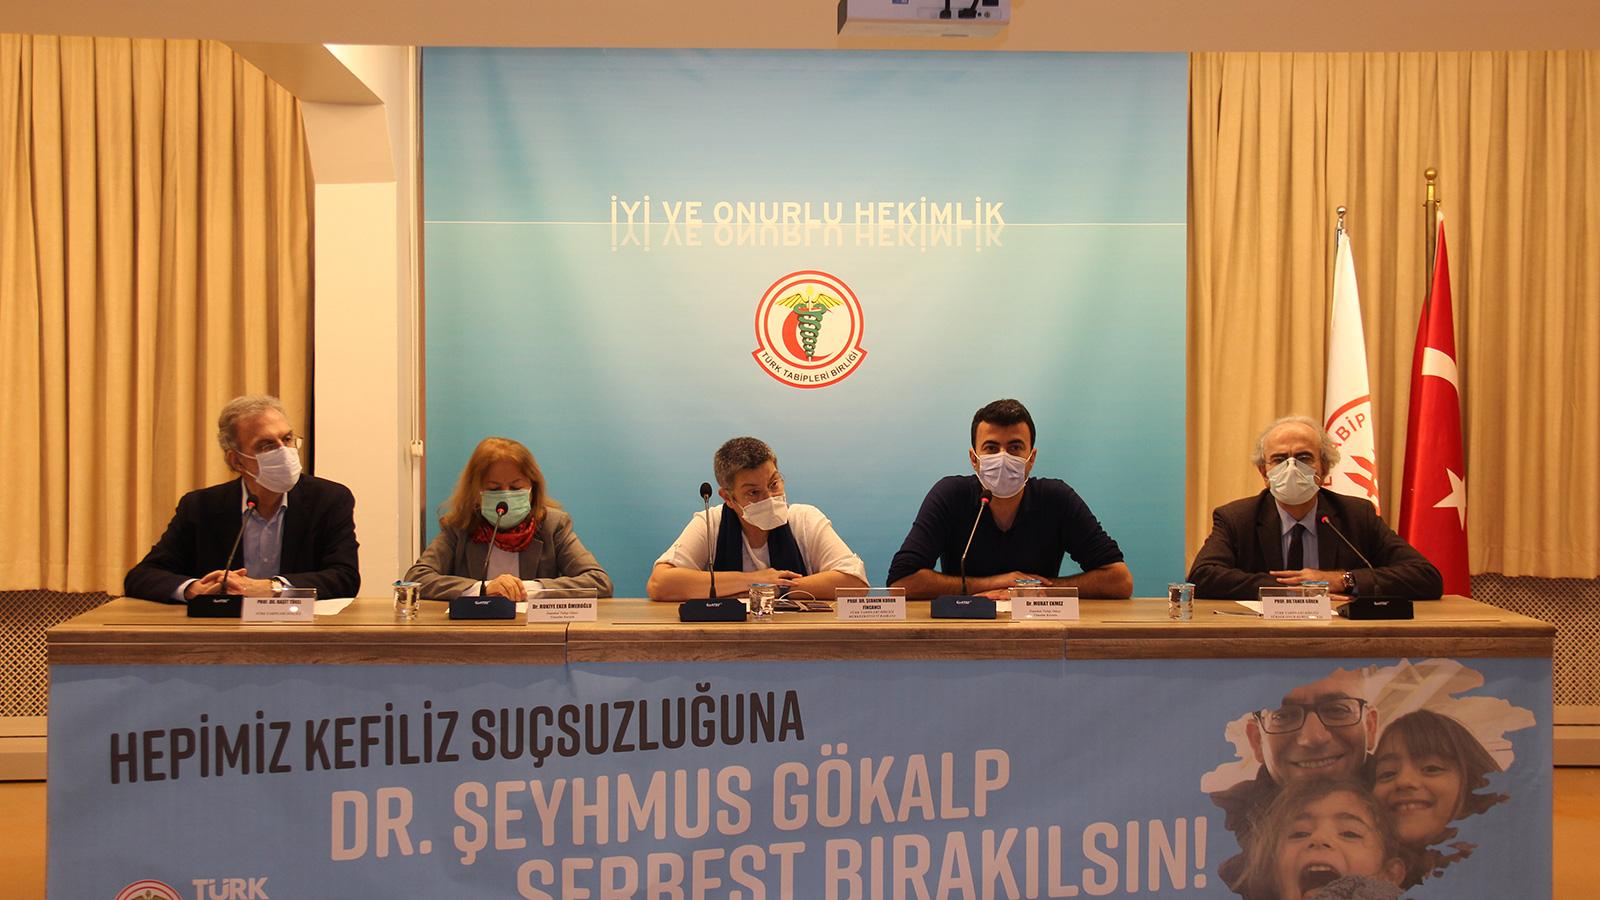 Dr. Şeyhmus Gökalp'in Haksız-Hukuksuz Tutukluluğuna Son Verilsin